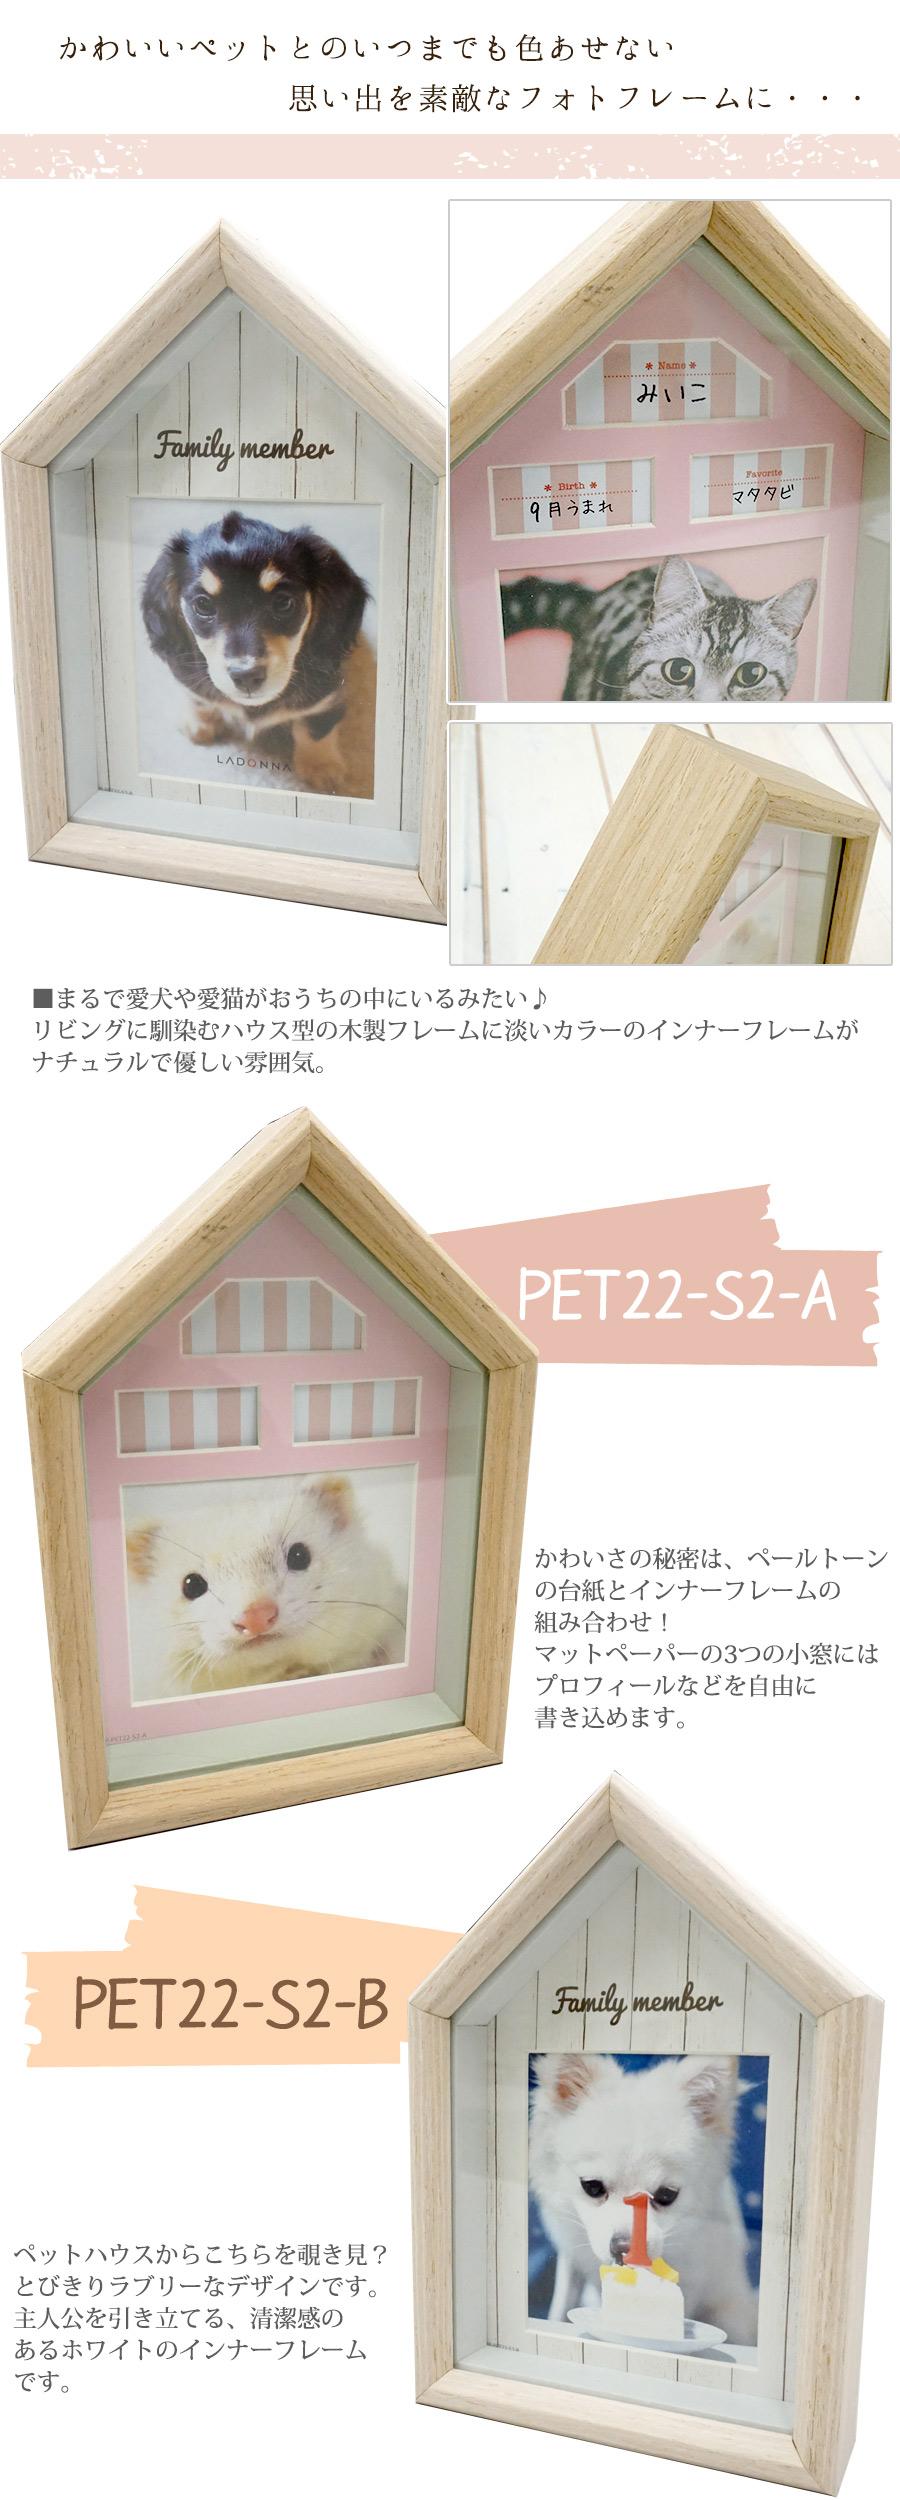 ペットハウス型のシンプルなデザイン